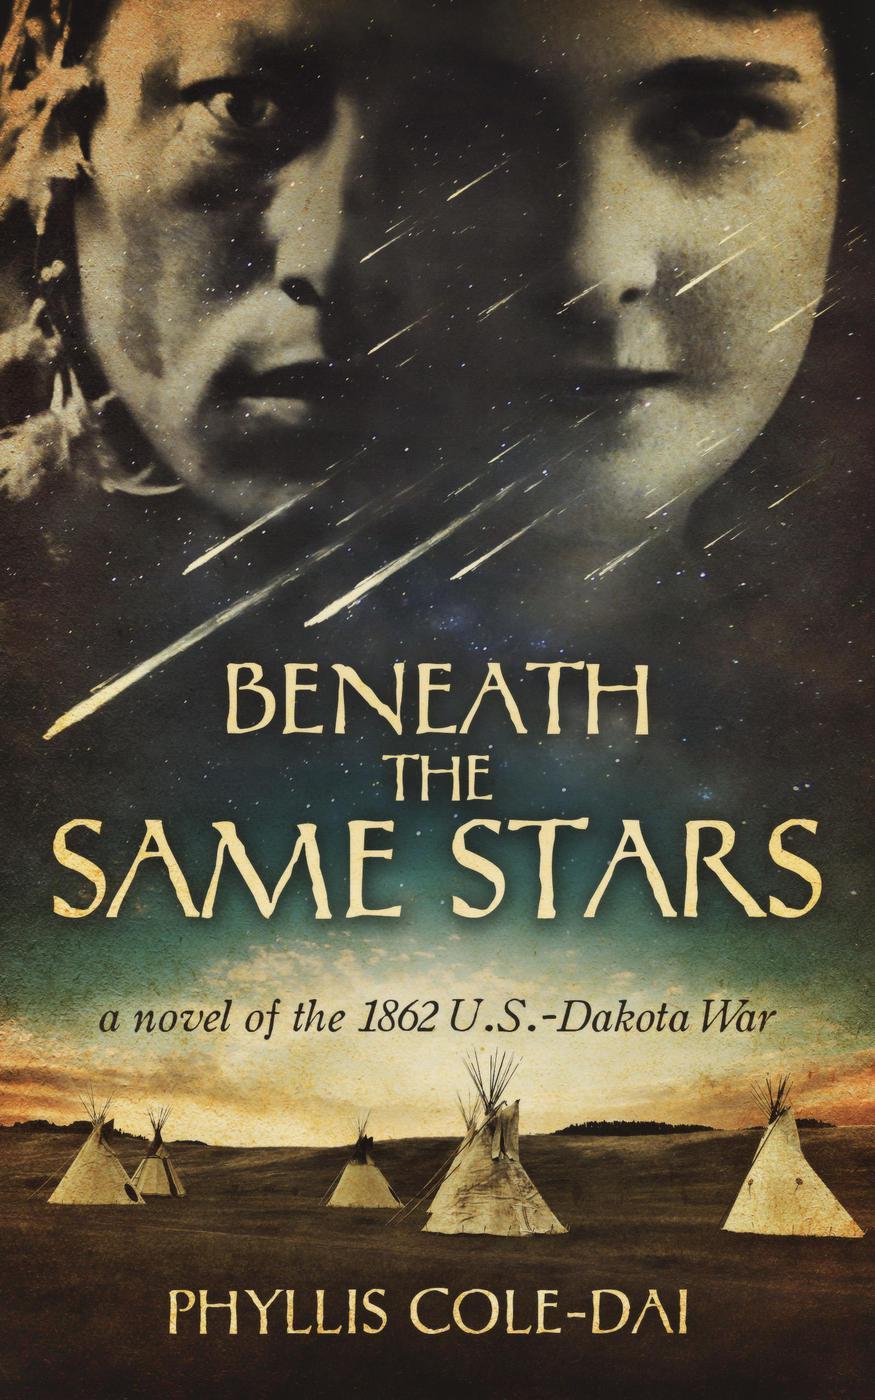 Beneath the Same Stars: A Novel of the 1862 U.S.-Dakota War